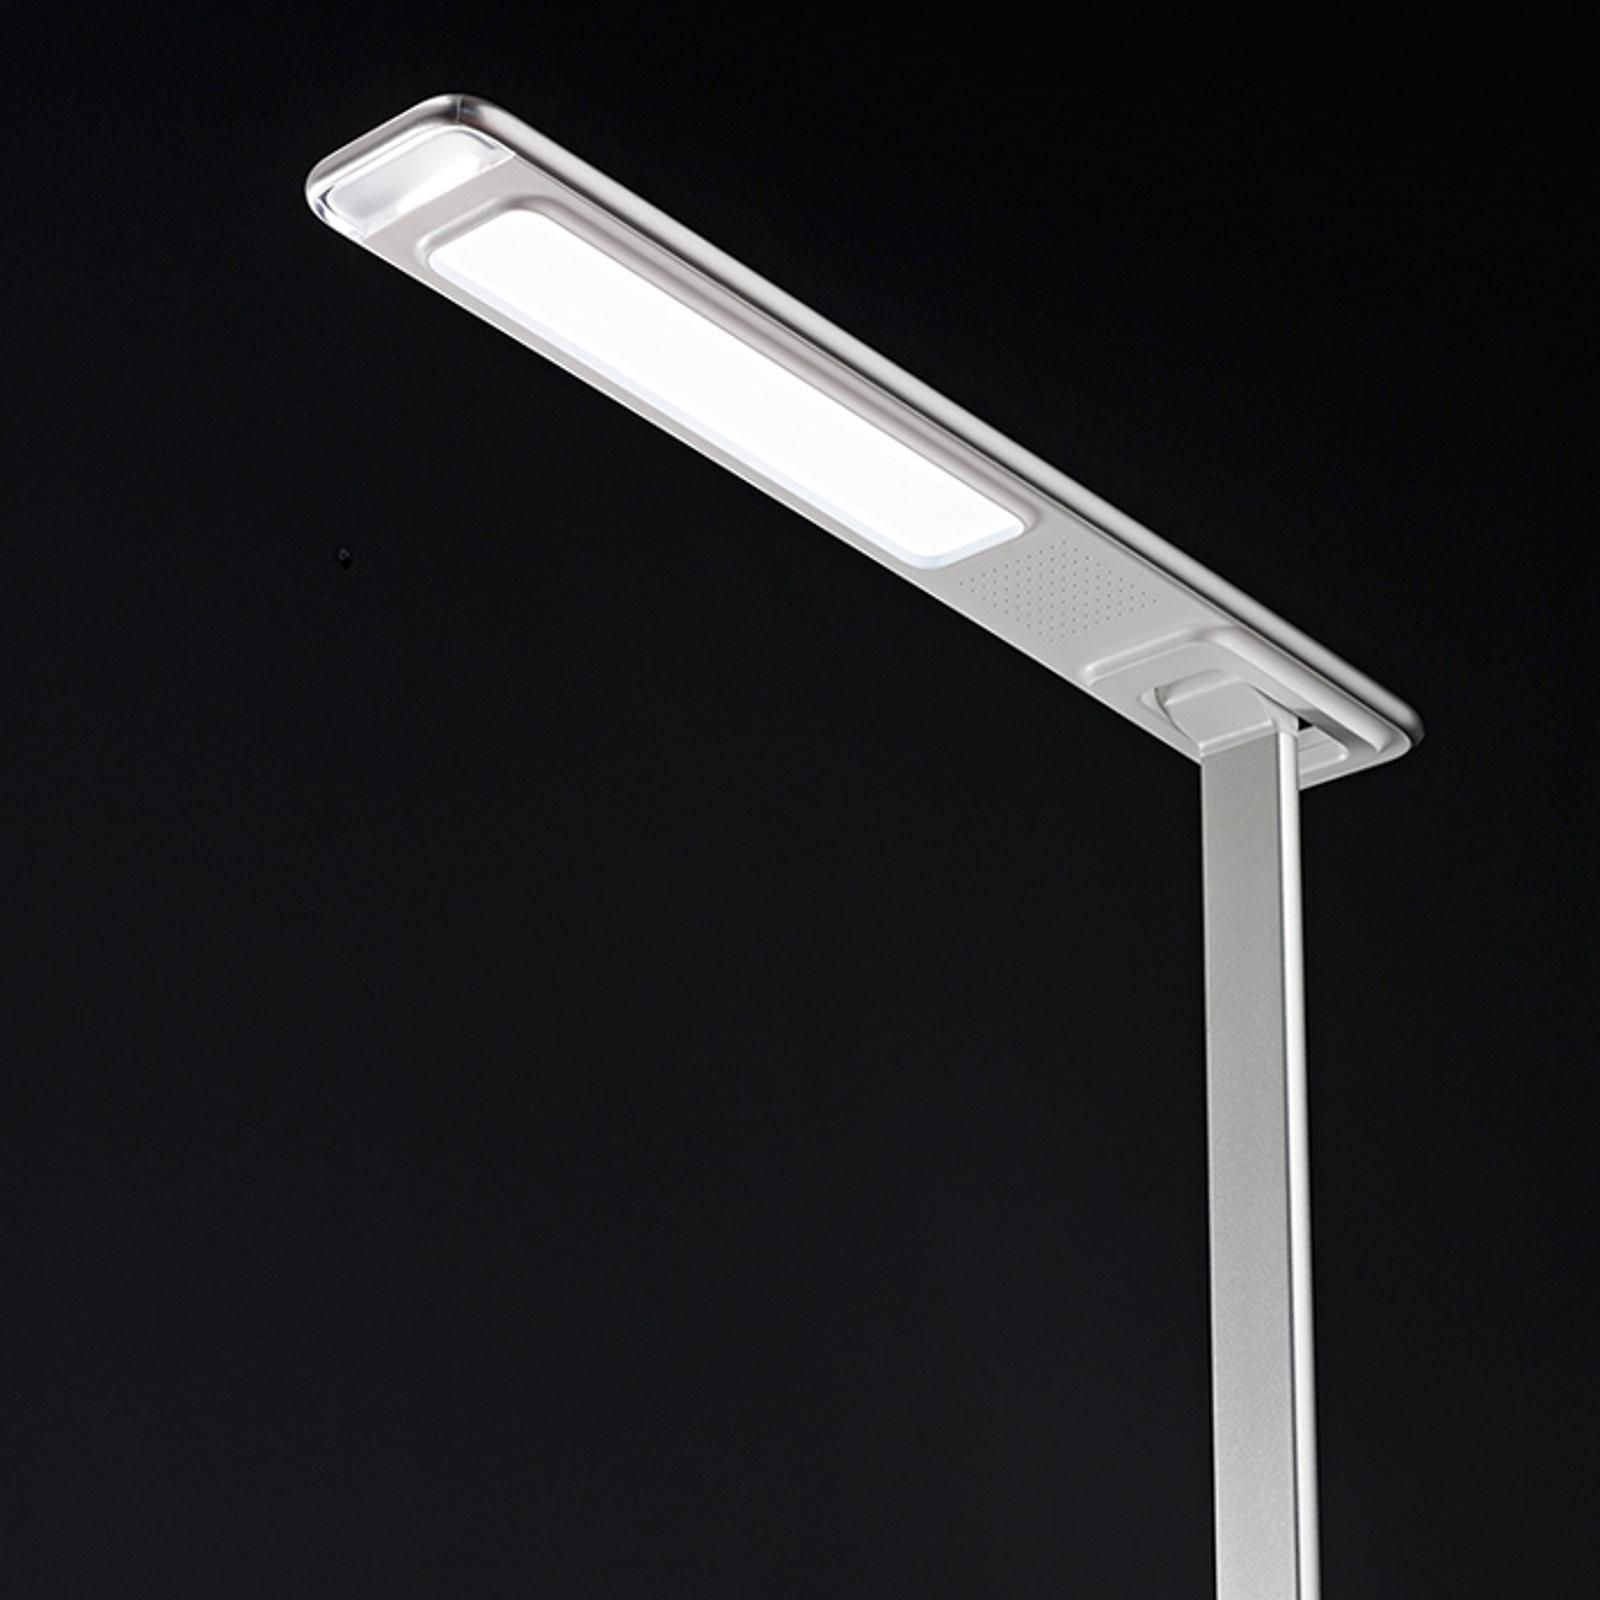 Lampe de bureau LED Ivo, recharge inductive